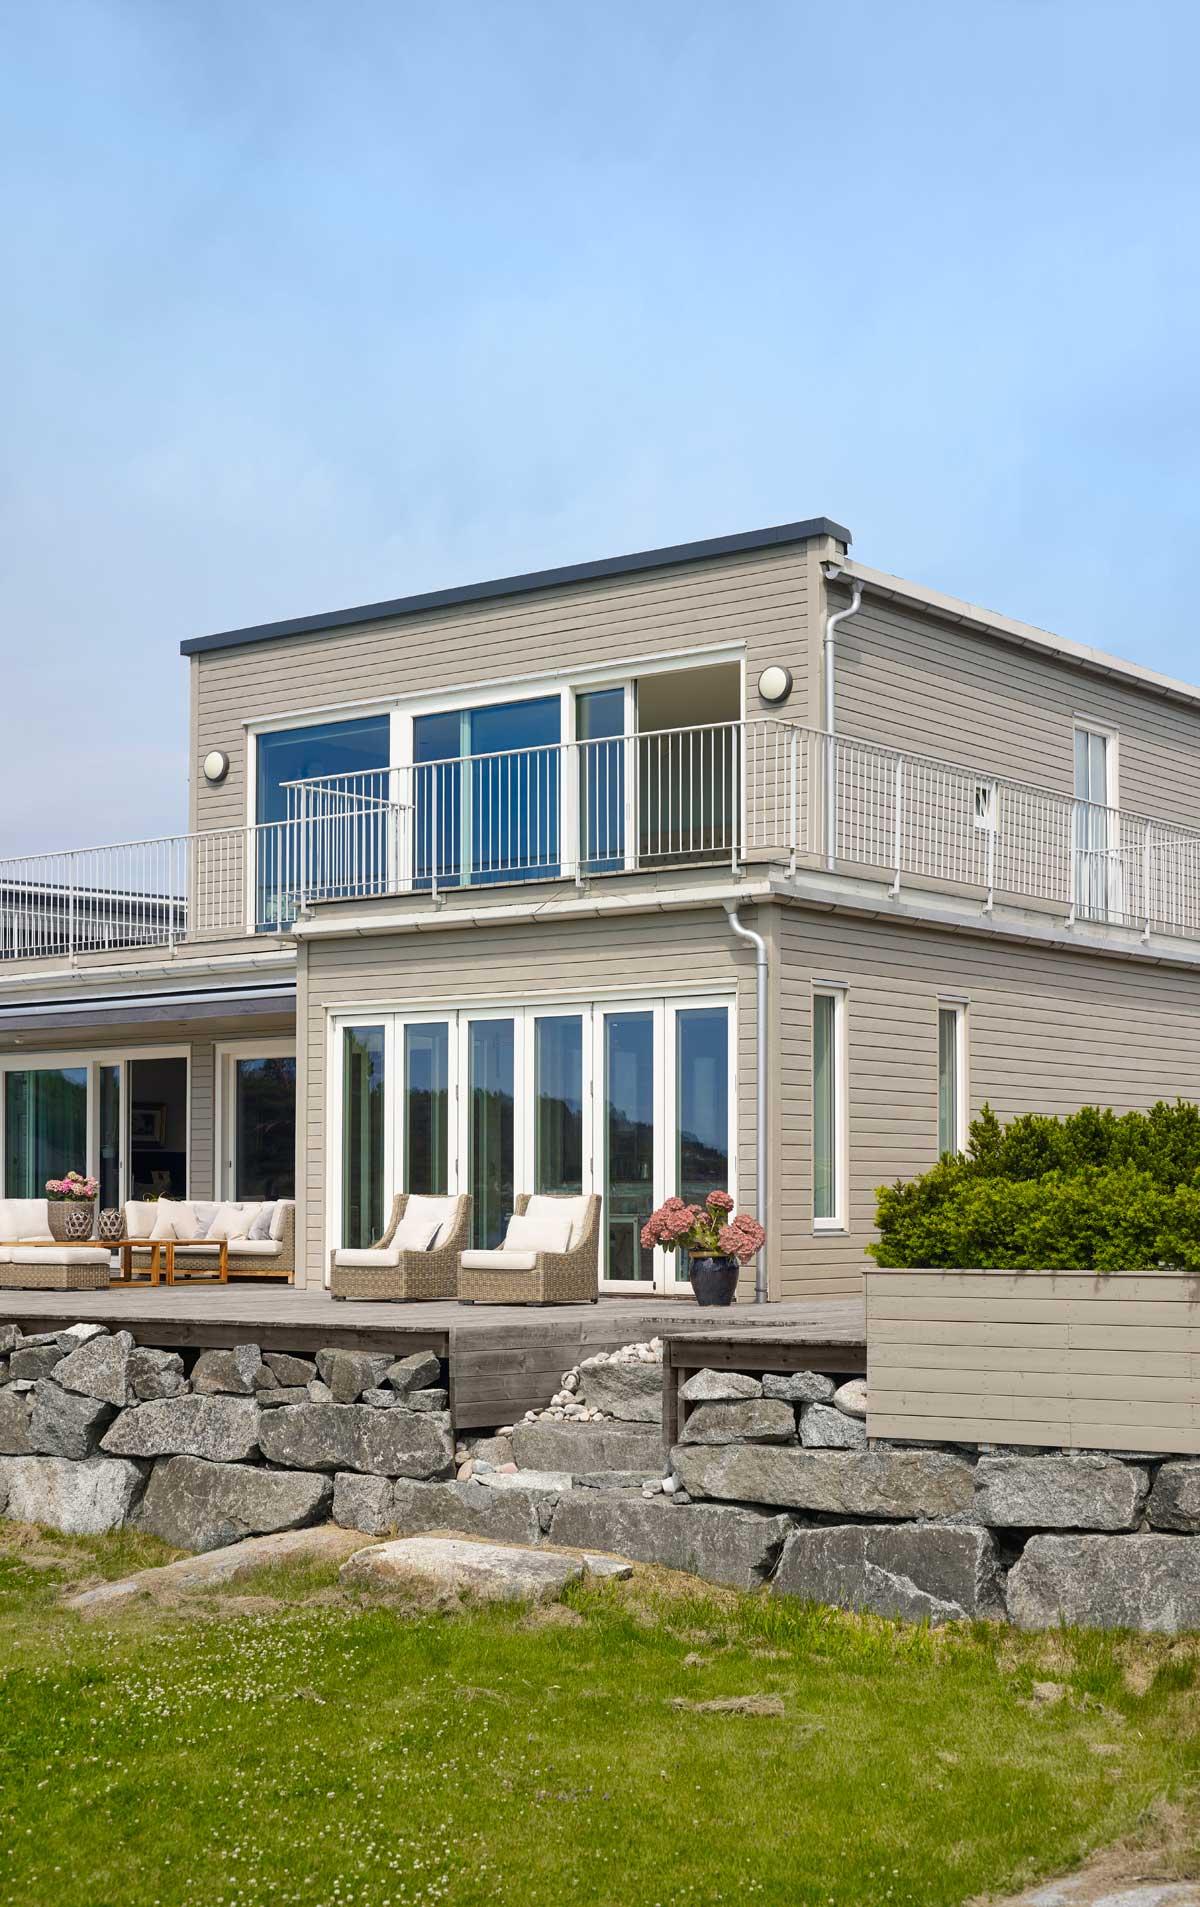 hytte-minimalistisk-moderne-happyhomes